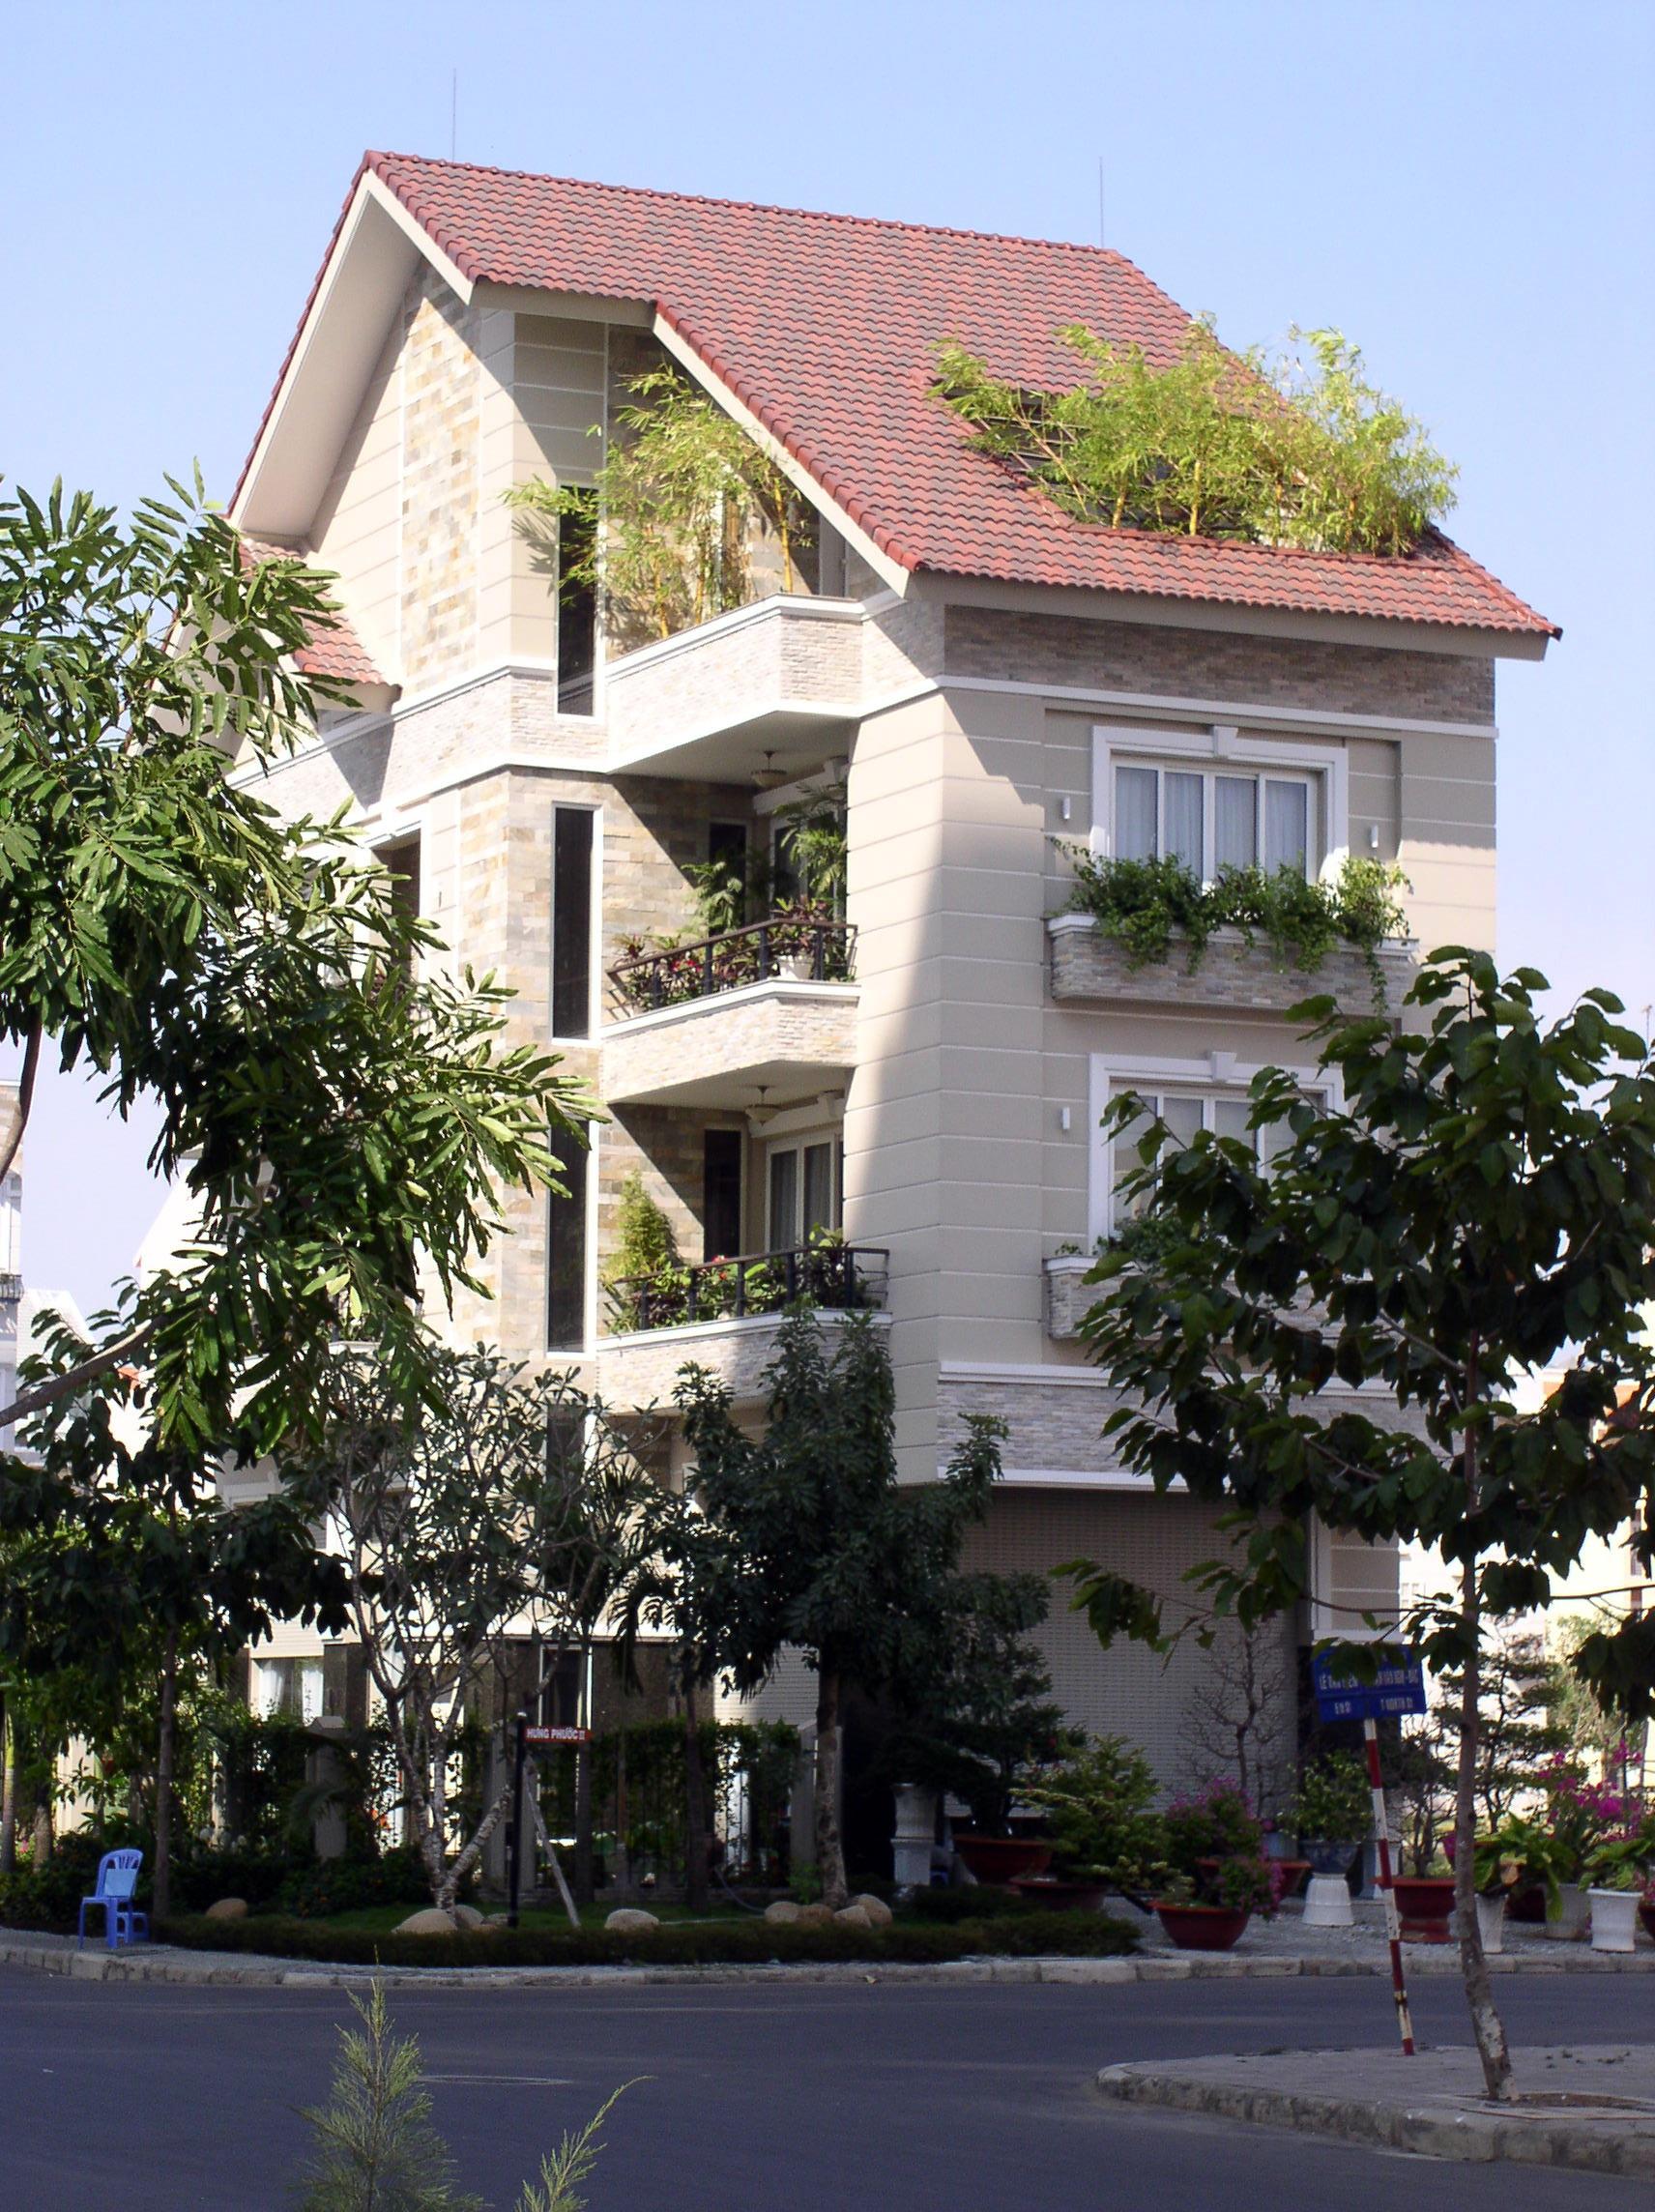 Gambar Pemandangan Outdoor Arsitektur Menanam Rumah Kota